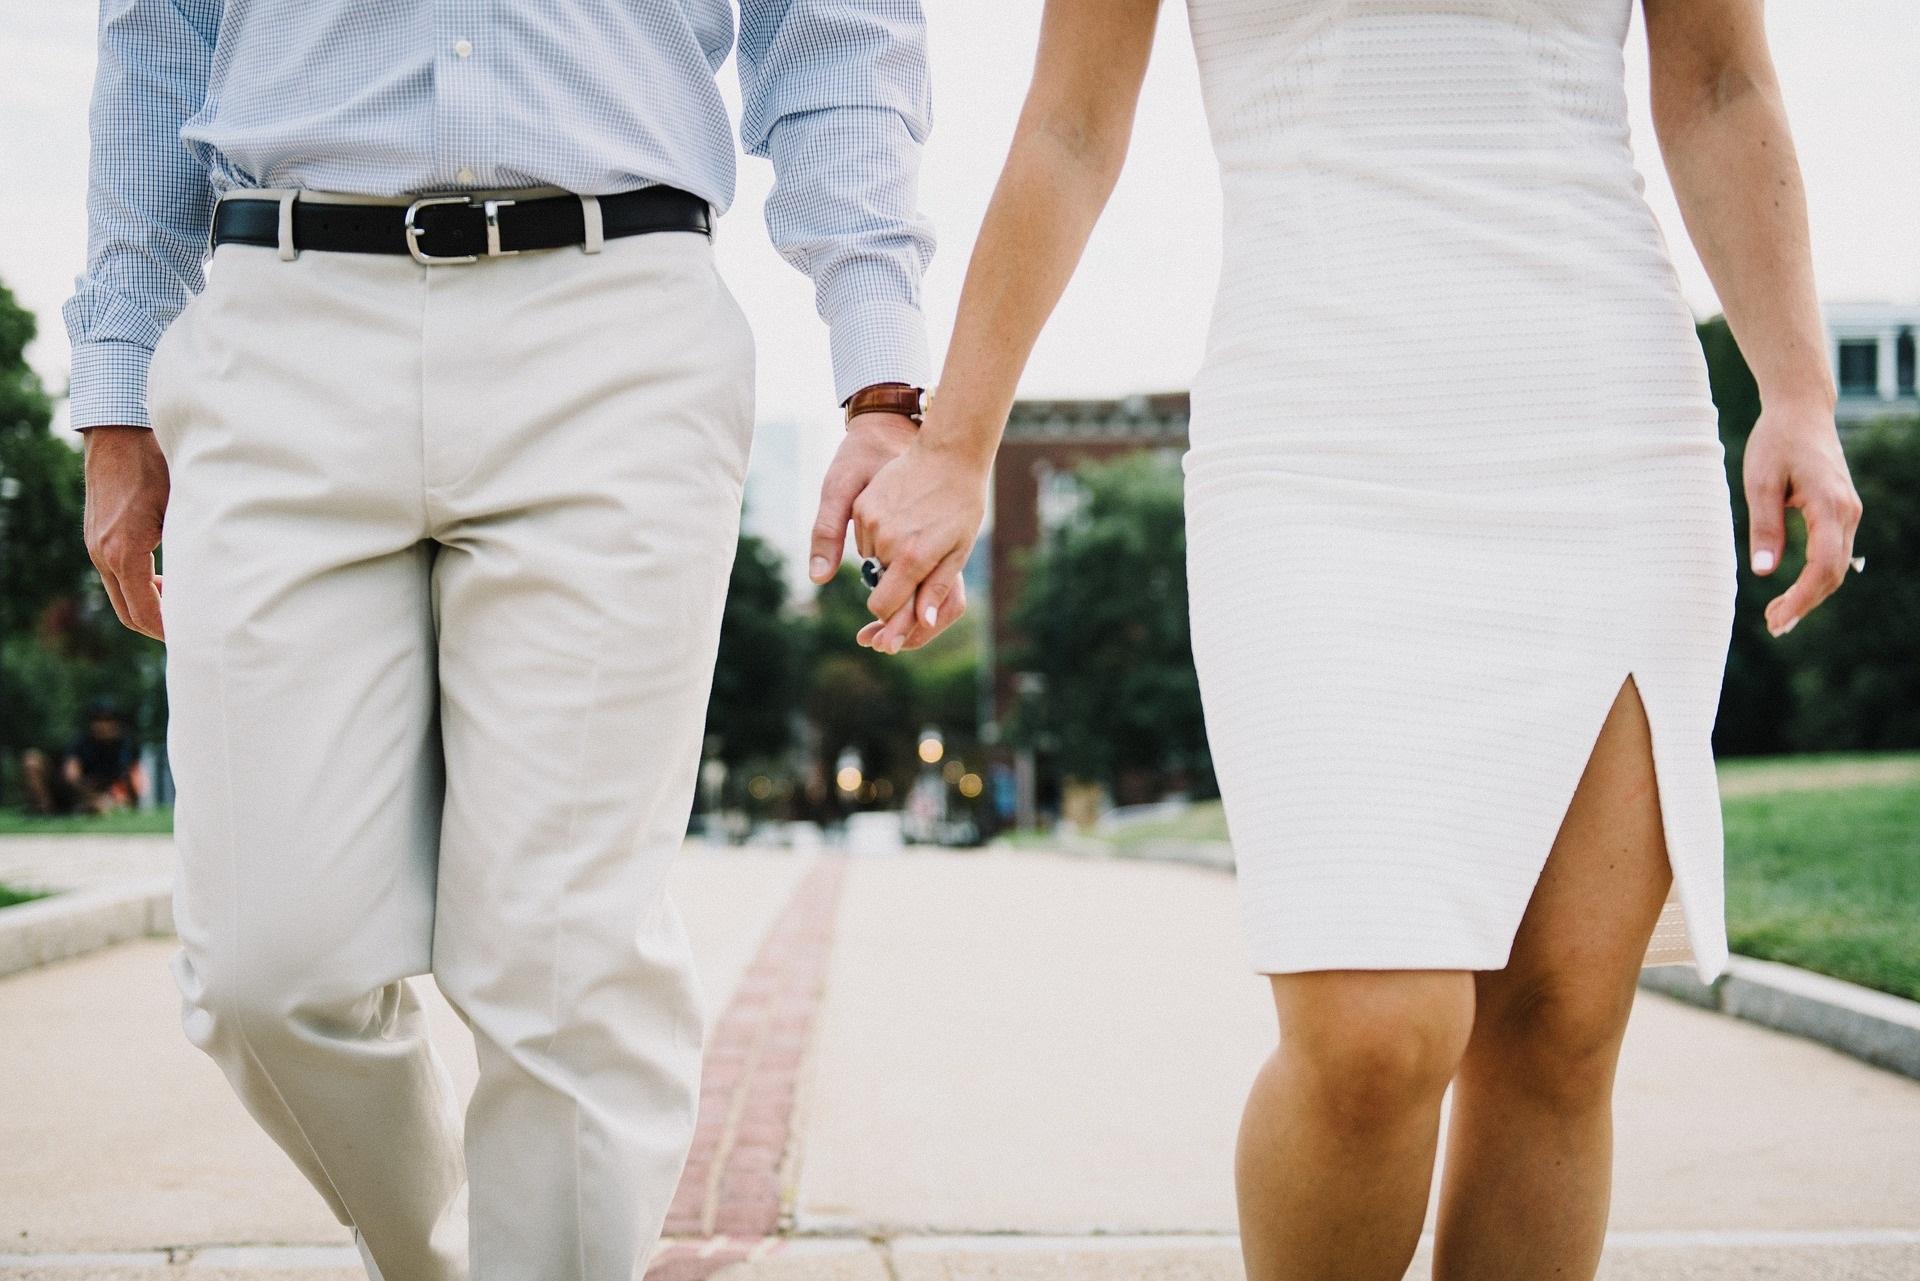 Risultati immagini per non tradire la fiducia del partner